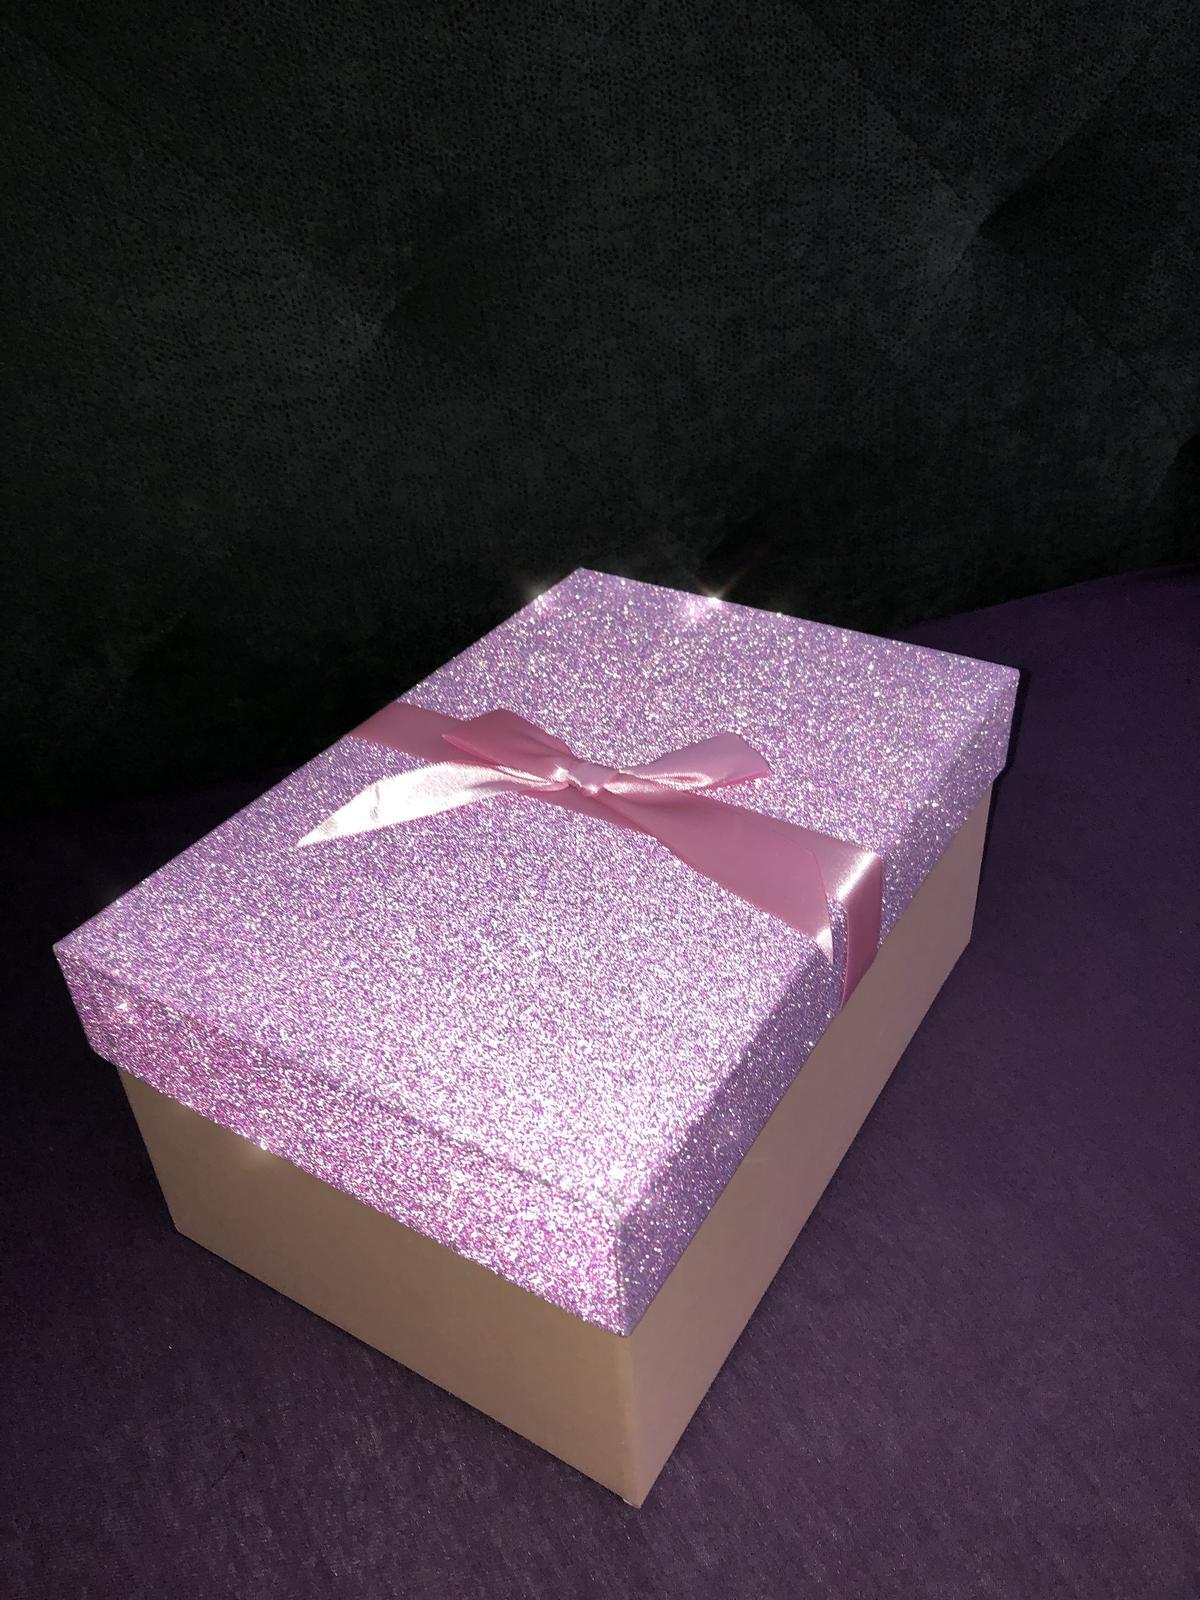 Moje sny ... - Darčekový box pre prvú družičku moju naj naj od detstva 🎁💞